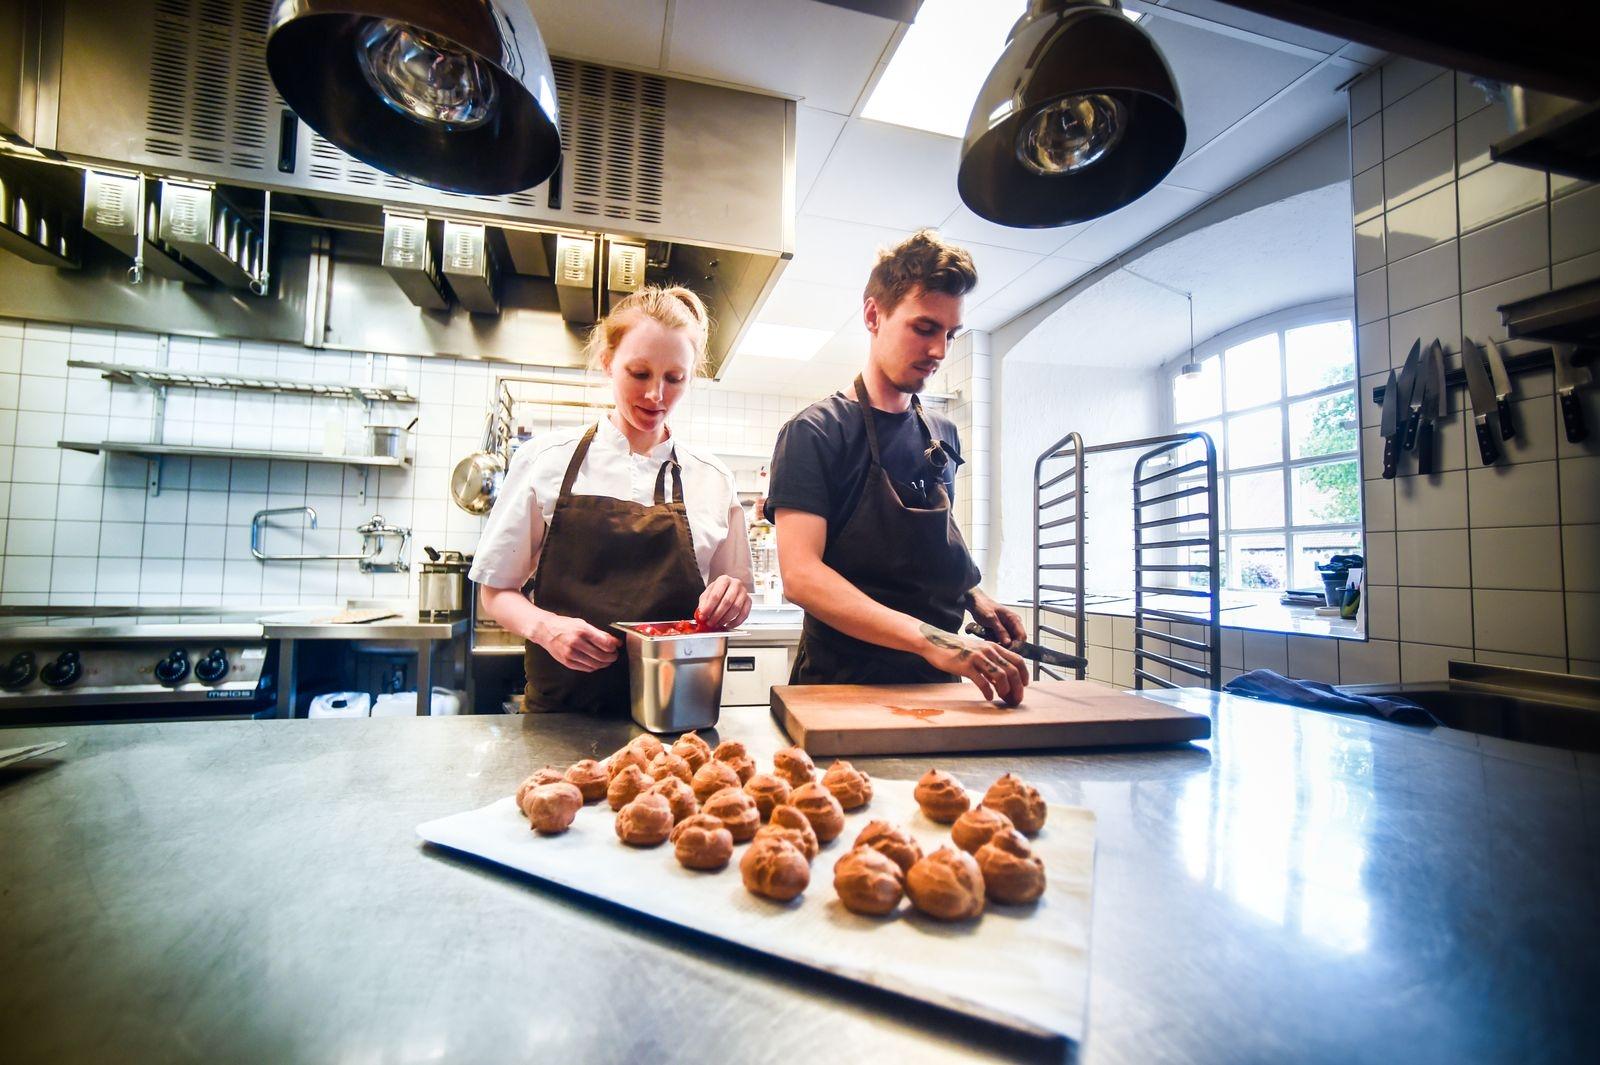 Köksmästarpar lämnar Wanås – känd kock från TV hoppar in